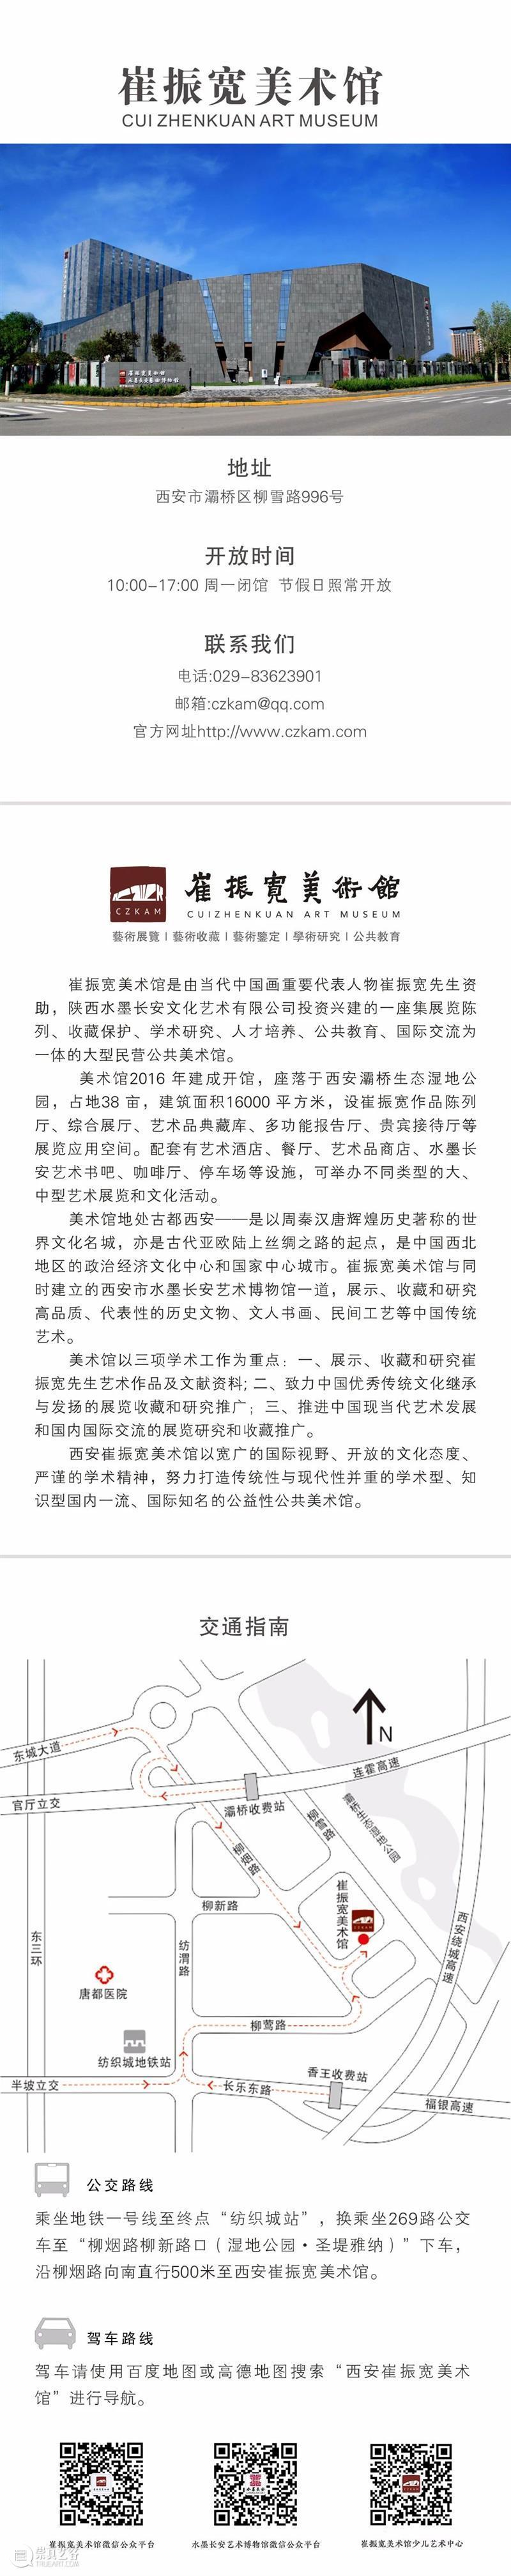 学术 · 研讨丨新写意主义艺术的文化诉求(上)  西安崔振宽美术馆 崇真艺客